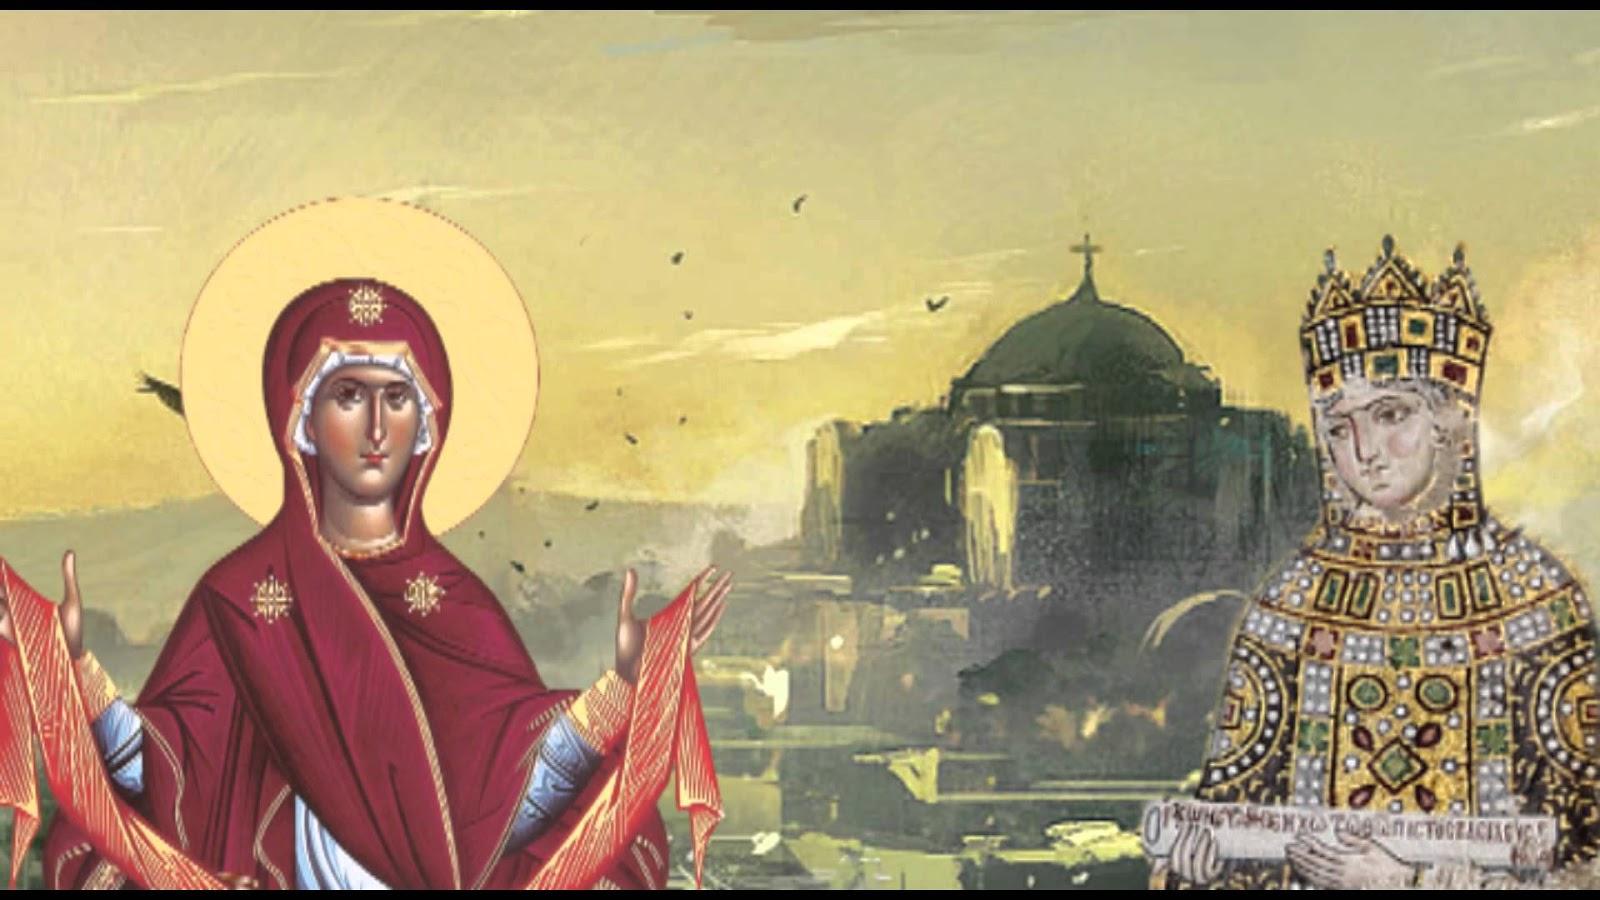 Αποτέλεσμα εικόνας για Μνήμη τῆς ἐν Βλαχέρναις Καταθέσεως τῆς τιμίας Ἐσθῆτος τῆς Ὑπεραγίας Θεοτόκου.